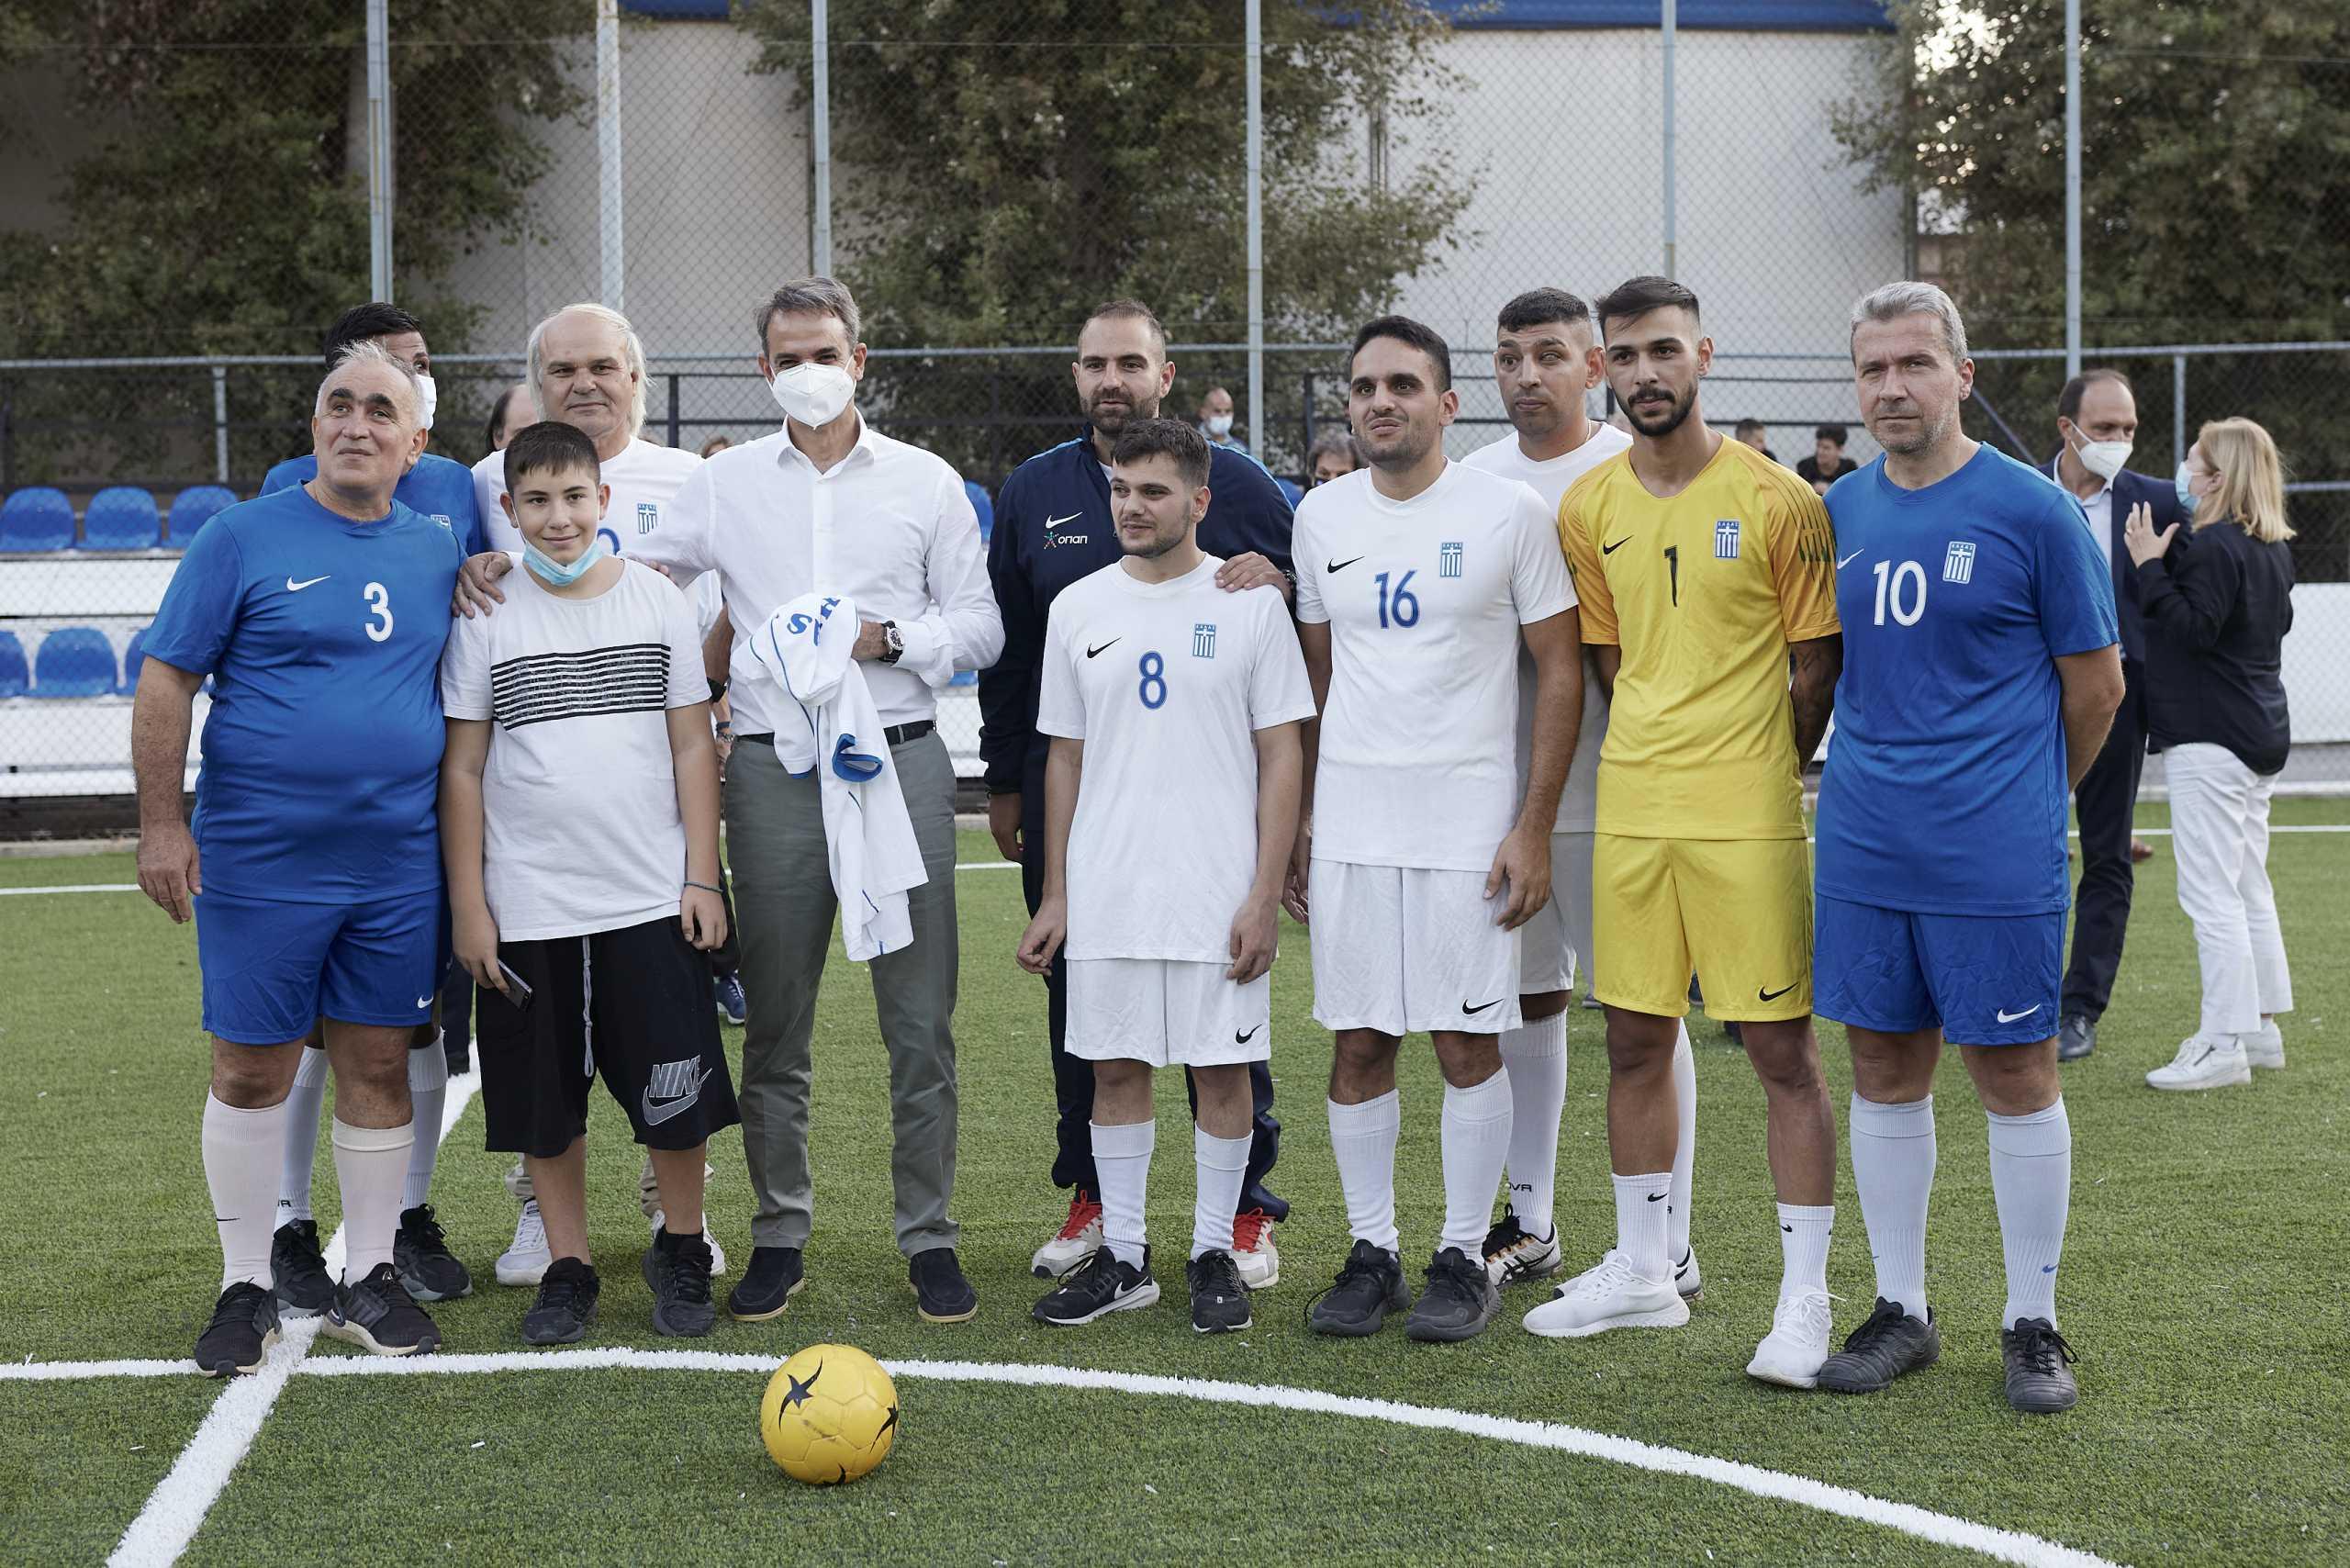 Ο Κυριάκος Μητσοτάκης στην προπόνηση της Εθνικής Ποδοσφαίρου Τυφλών στη Μίκρα